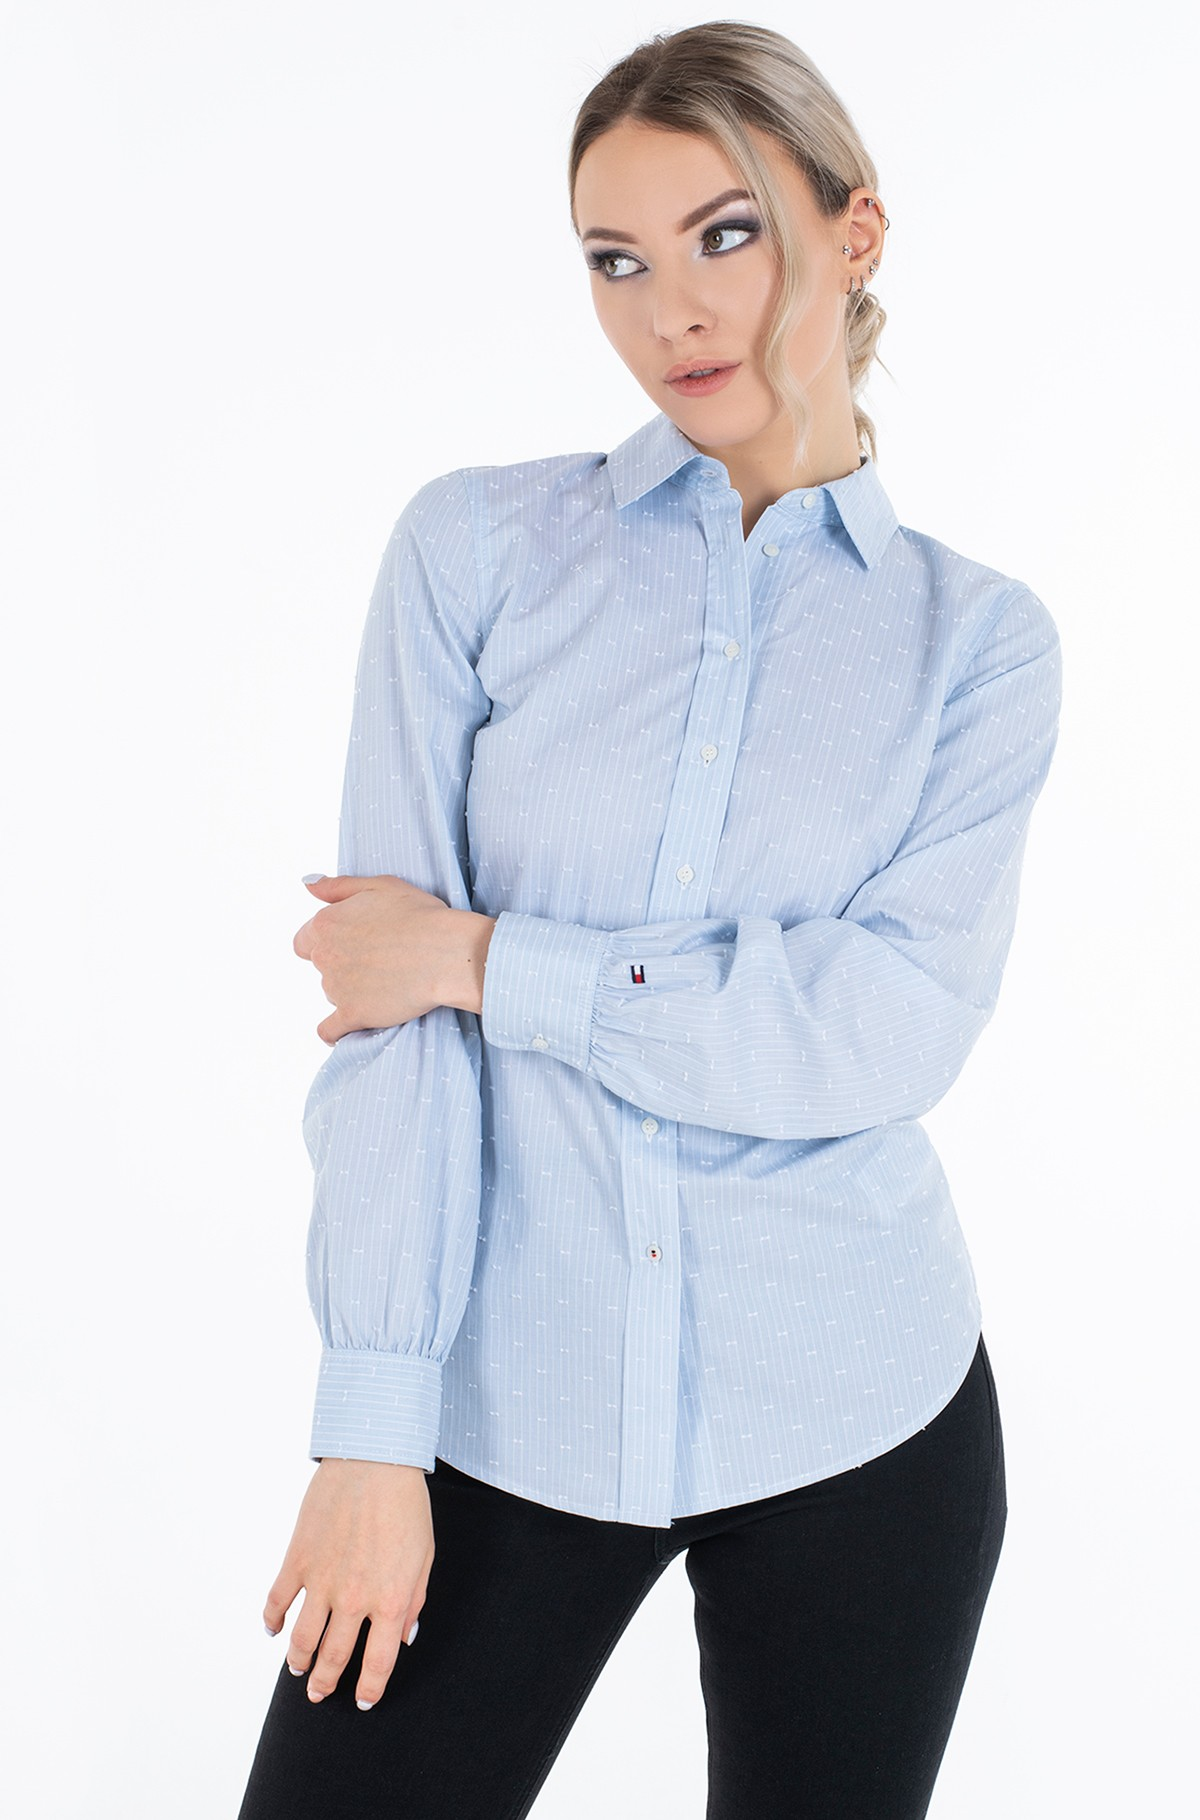 Shirt COTTON CLIP DOT REGULAR SHIRT LS-full-1